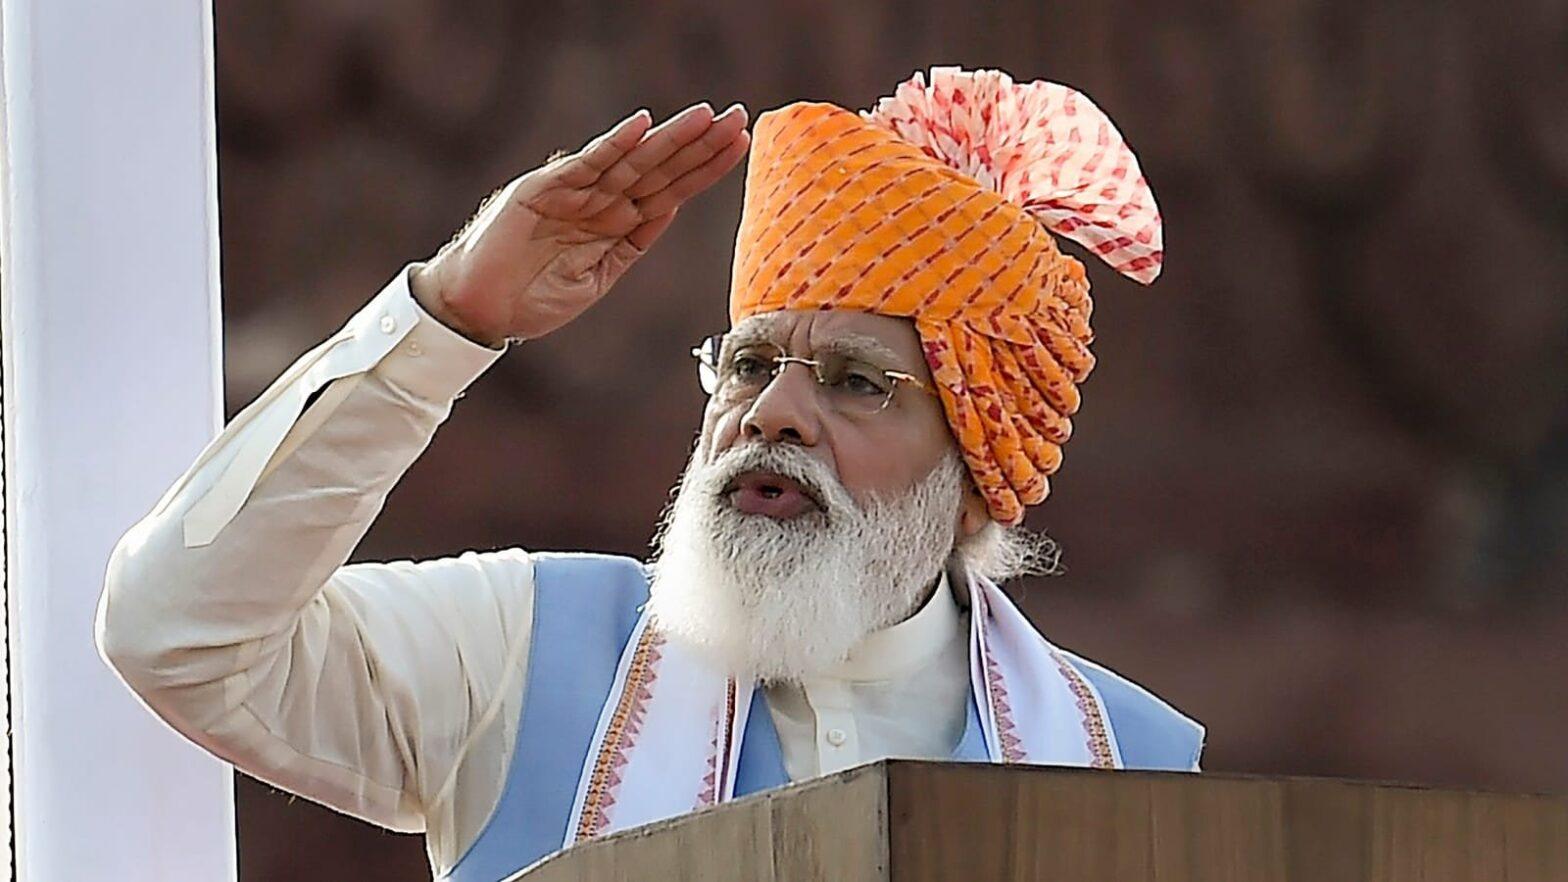 PM Modi sets India's target to become 'energy independent' by 2047|2047 ആകുമ്പോഴേക്കും ഊർജ്ജ സ്വതന്ത്രരാകുക എന്ന ഇന്ത്യയുടെ ലക്ഷ്യം പ്രധാനമന്ത്രി മോദി നിശ്ചയിച്ചു_40.1